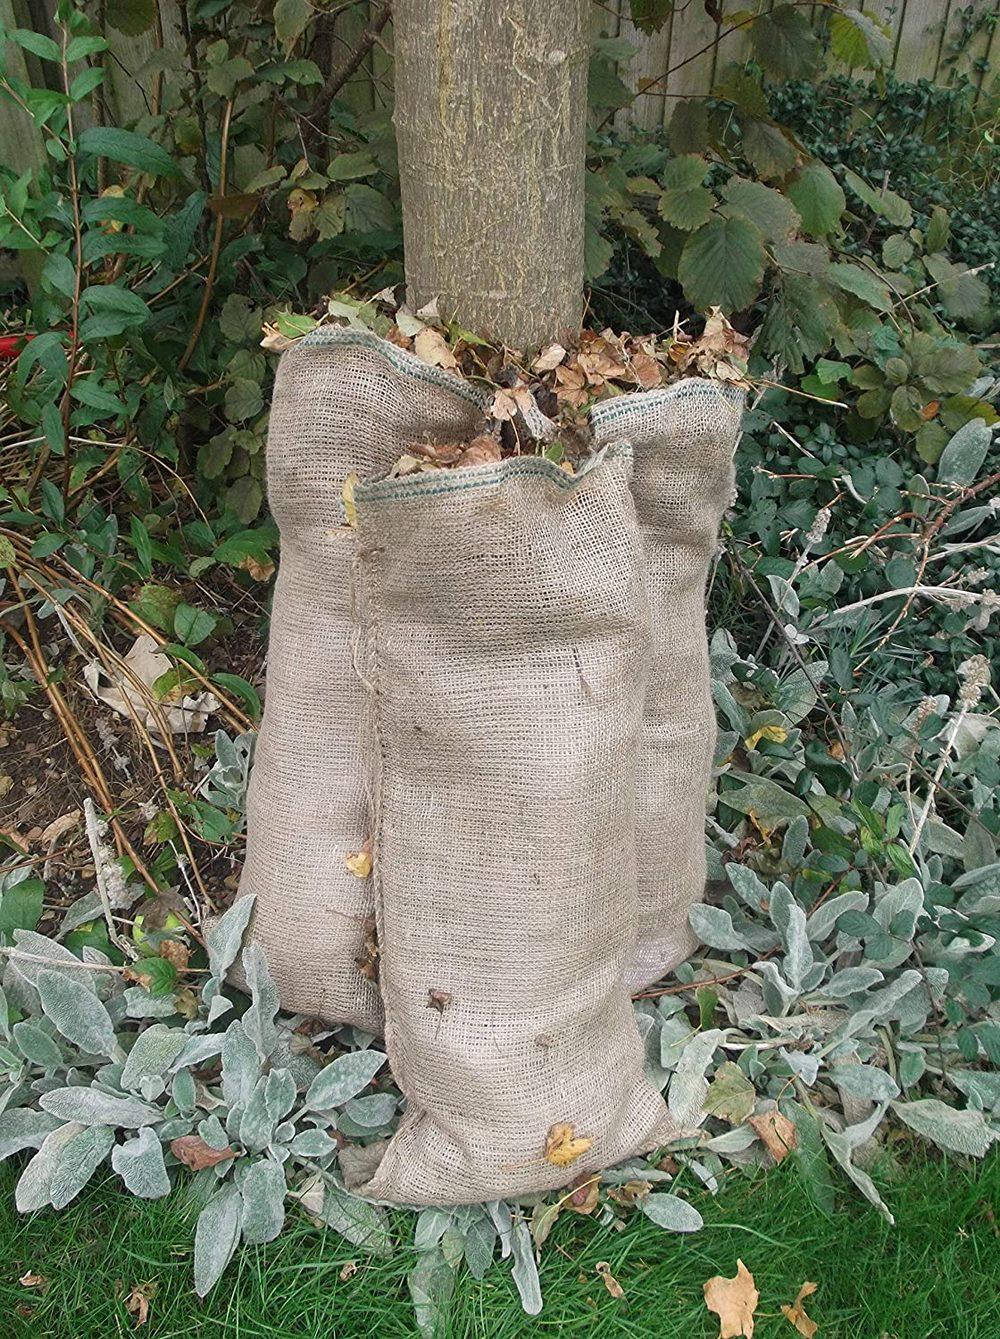 sacos de yute con hojas secas de jardin